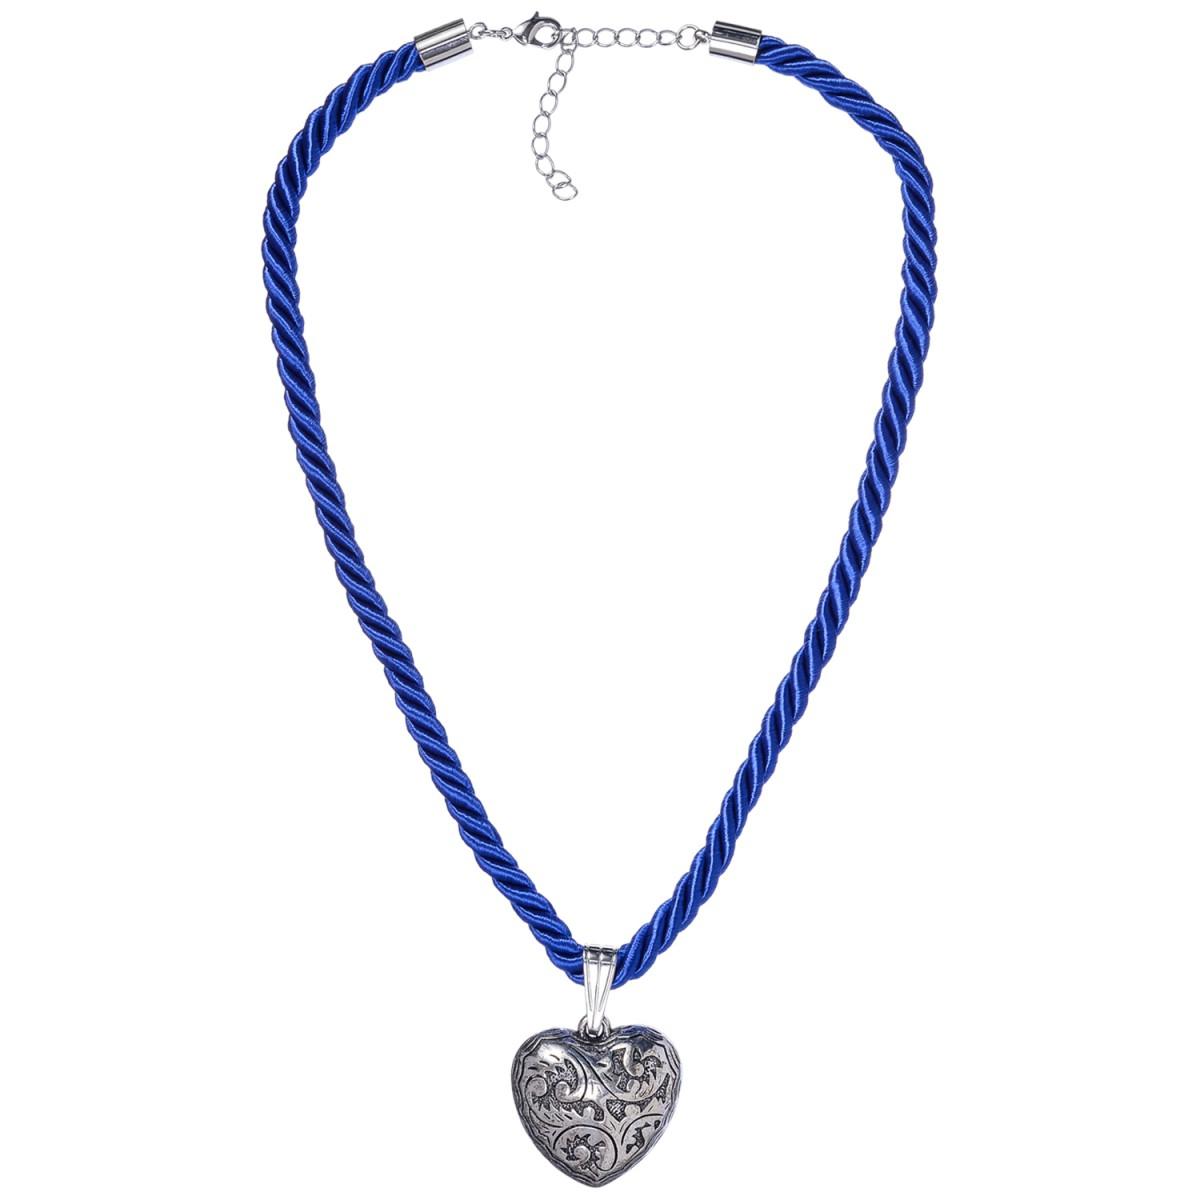 Kordelkette mit Herzanhänger in Blau von Schlick Accessoires